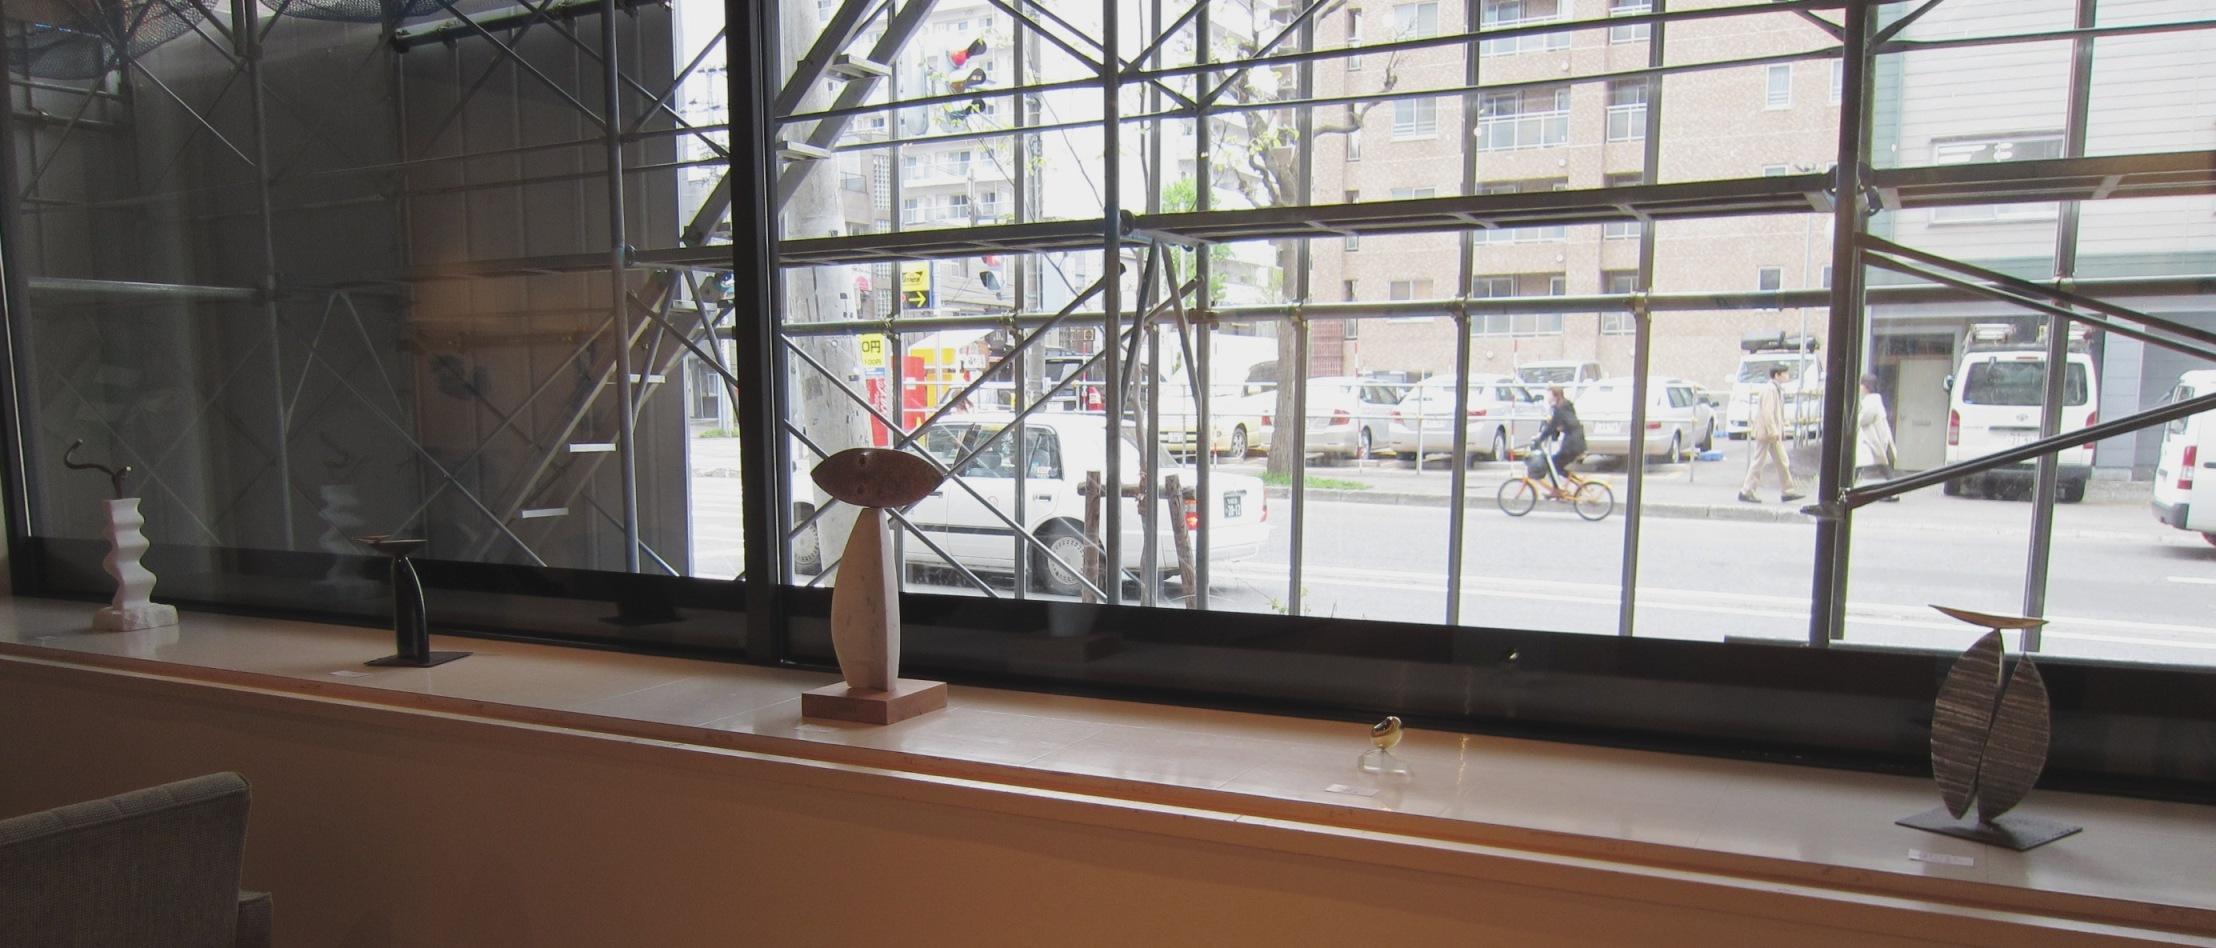 2065)「[現代書と彫刻のコラボレーション] -環境空間アートの提案-」 エッセ 5月21日(火)~5月26日(日)_f0126829_10464779.jpg